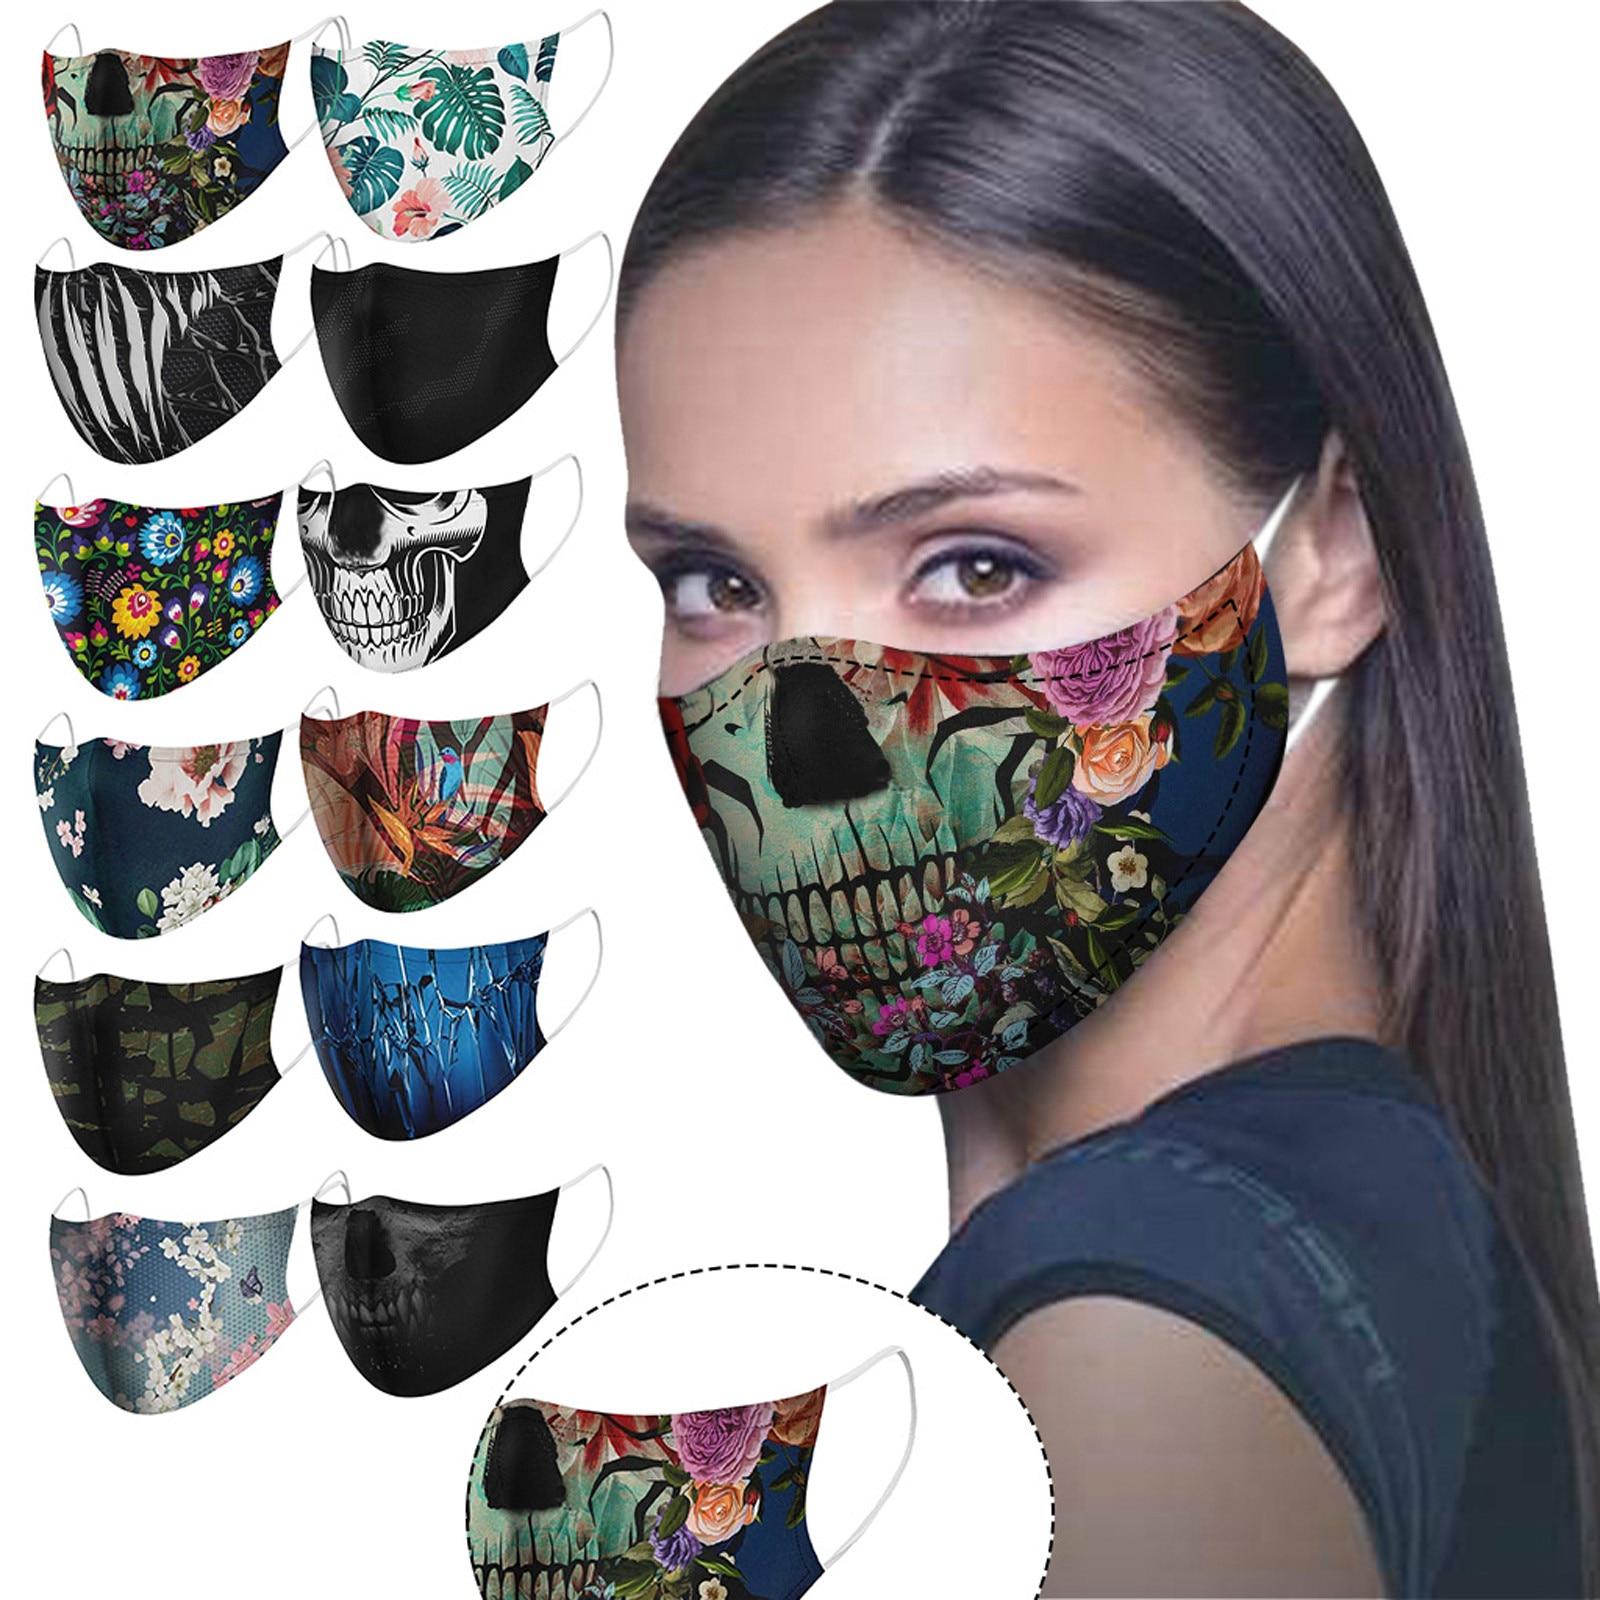 Máscara de cara de ciclista para adulto, mascarilla Facial a prueba de viento, lavable, antisaliva, divertida, # YL5